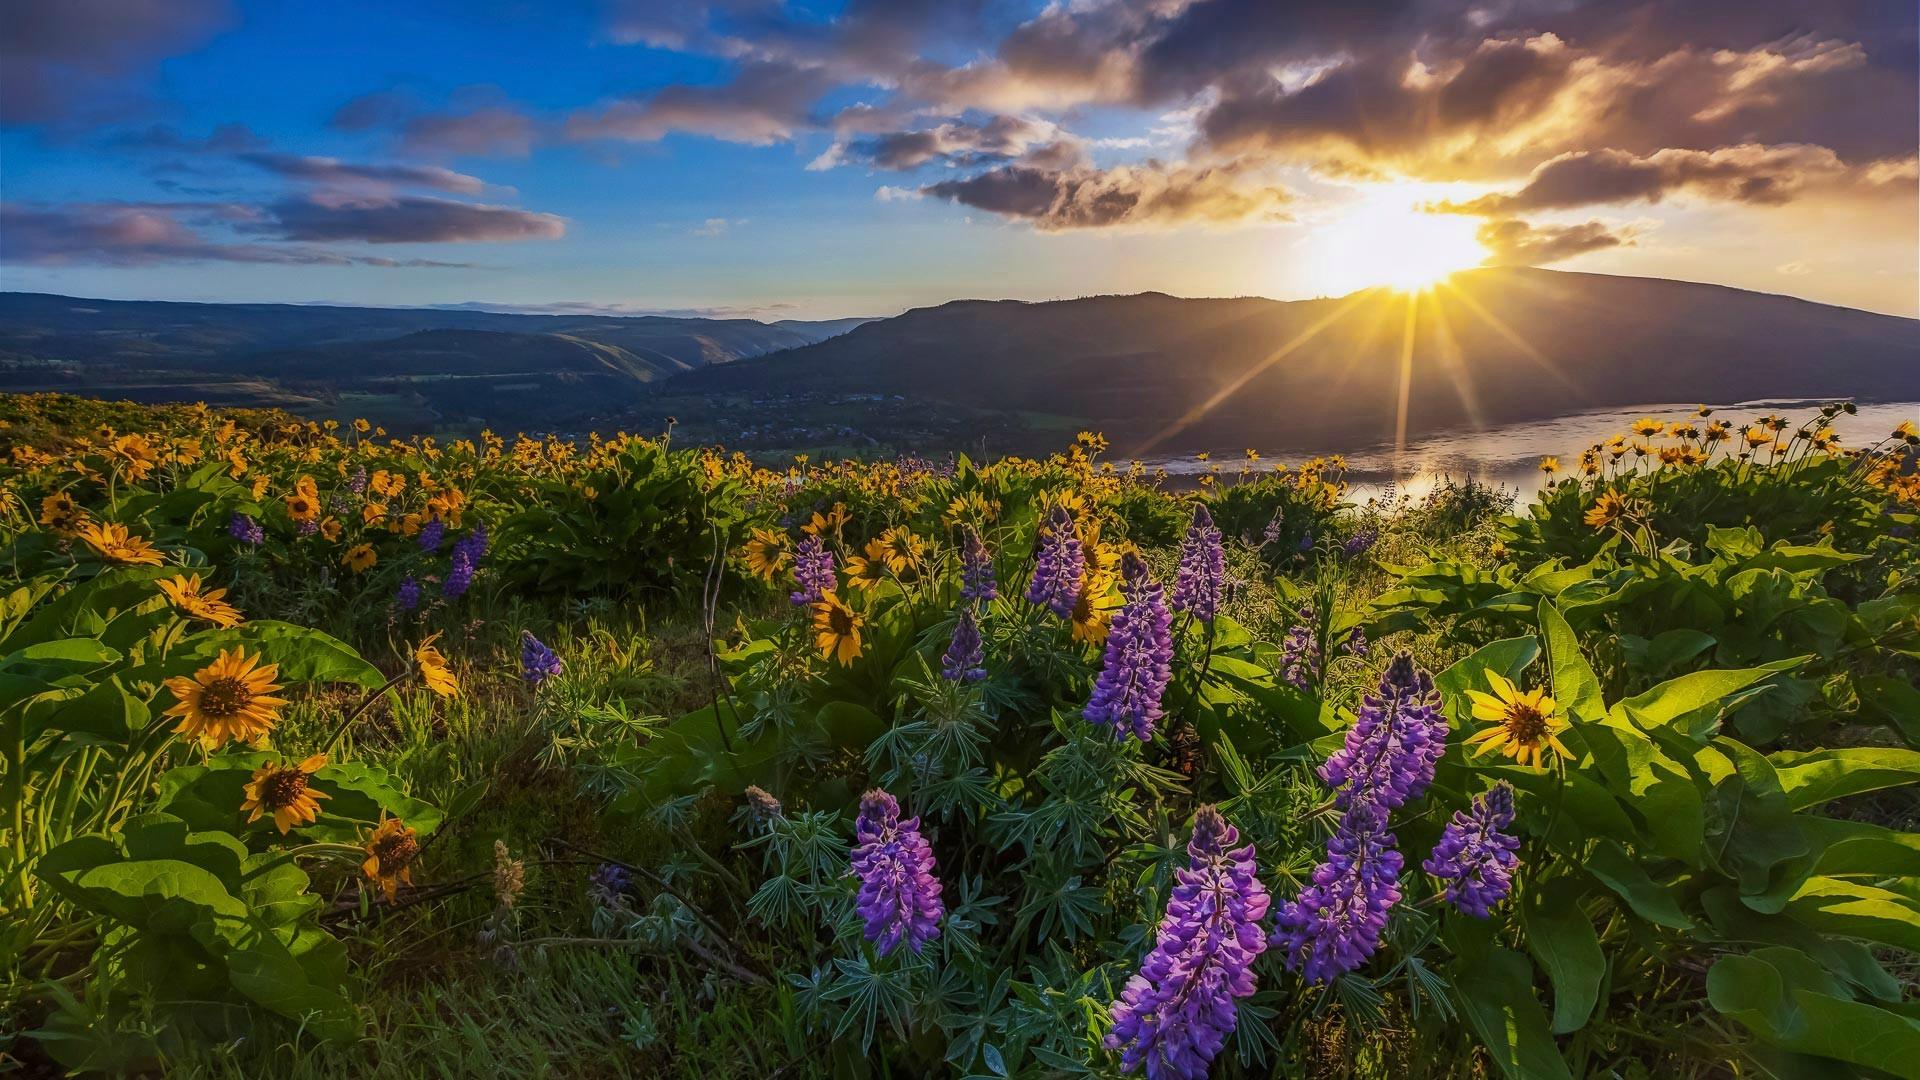 Wallpaper Sunlight Landscape Sunset Nature Grass Sky